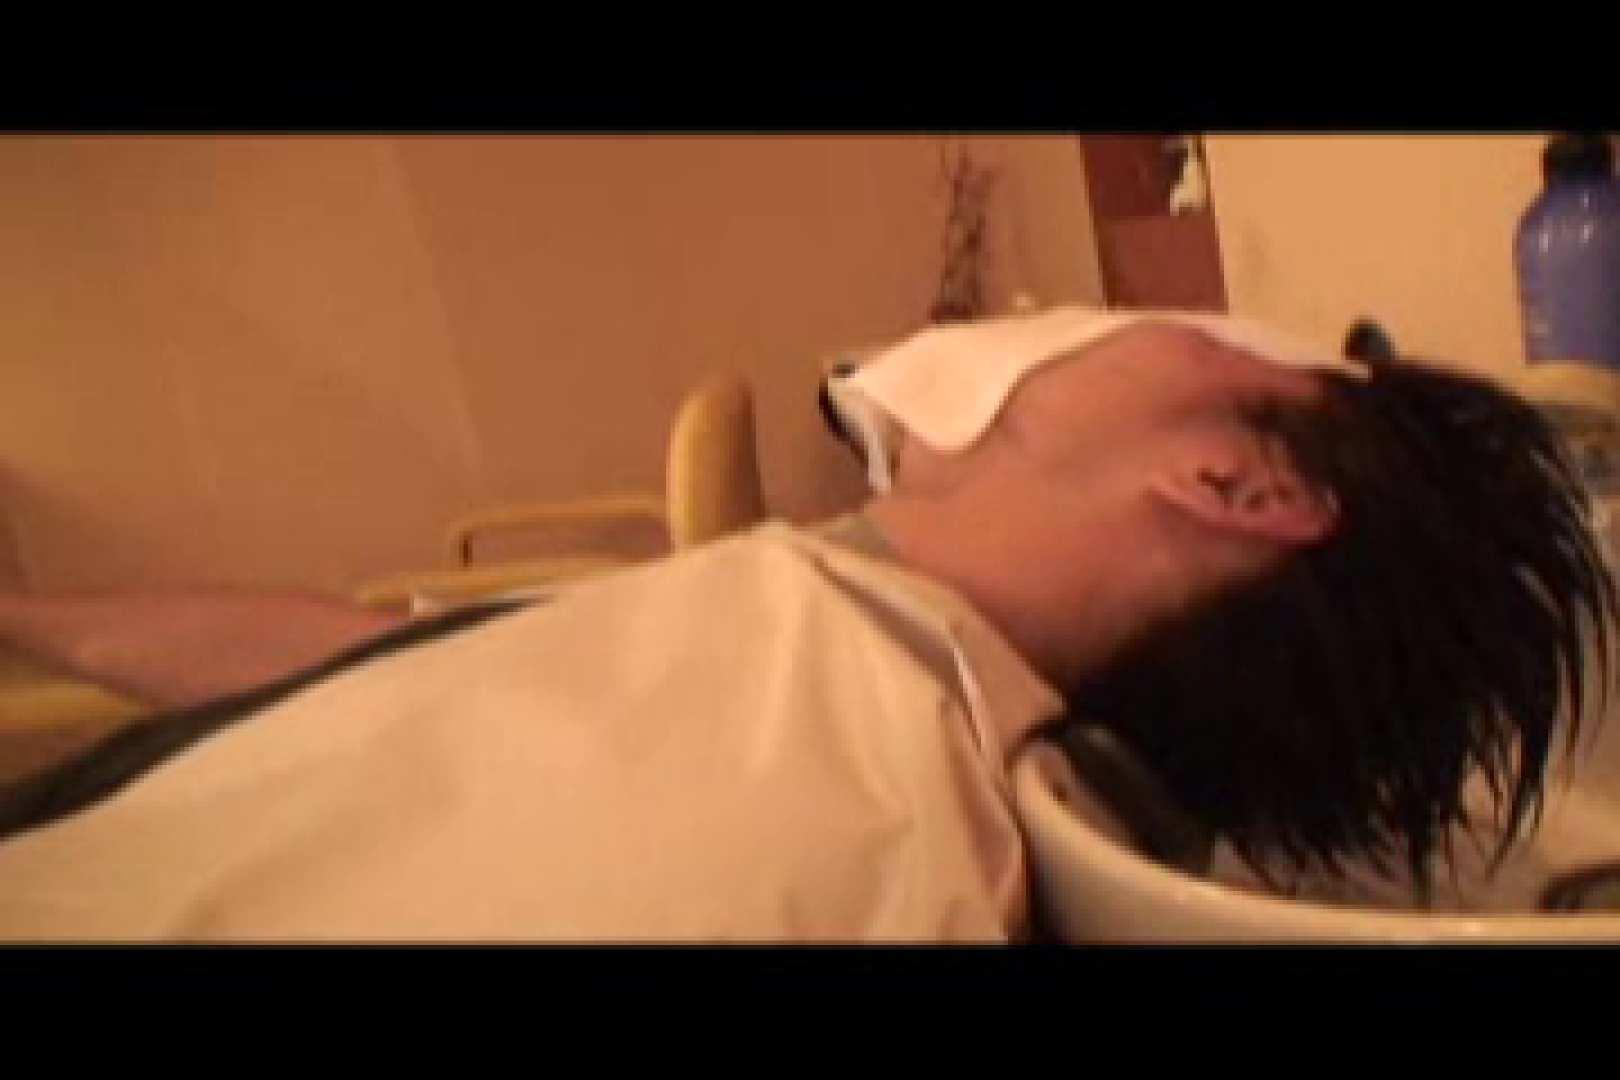 イケメン,s VOL.6 フェラ ゲイ素人エロ画像 106枚 11